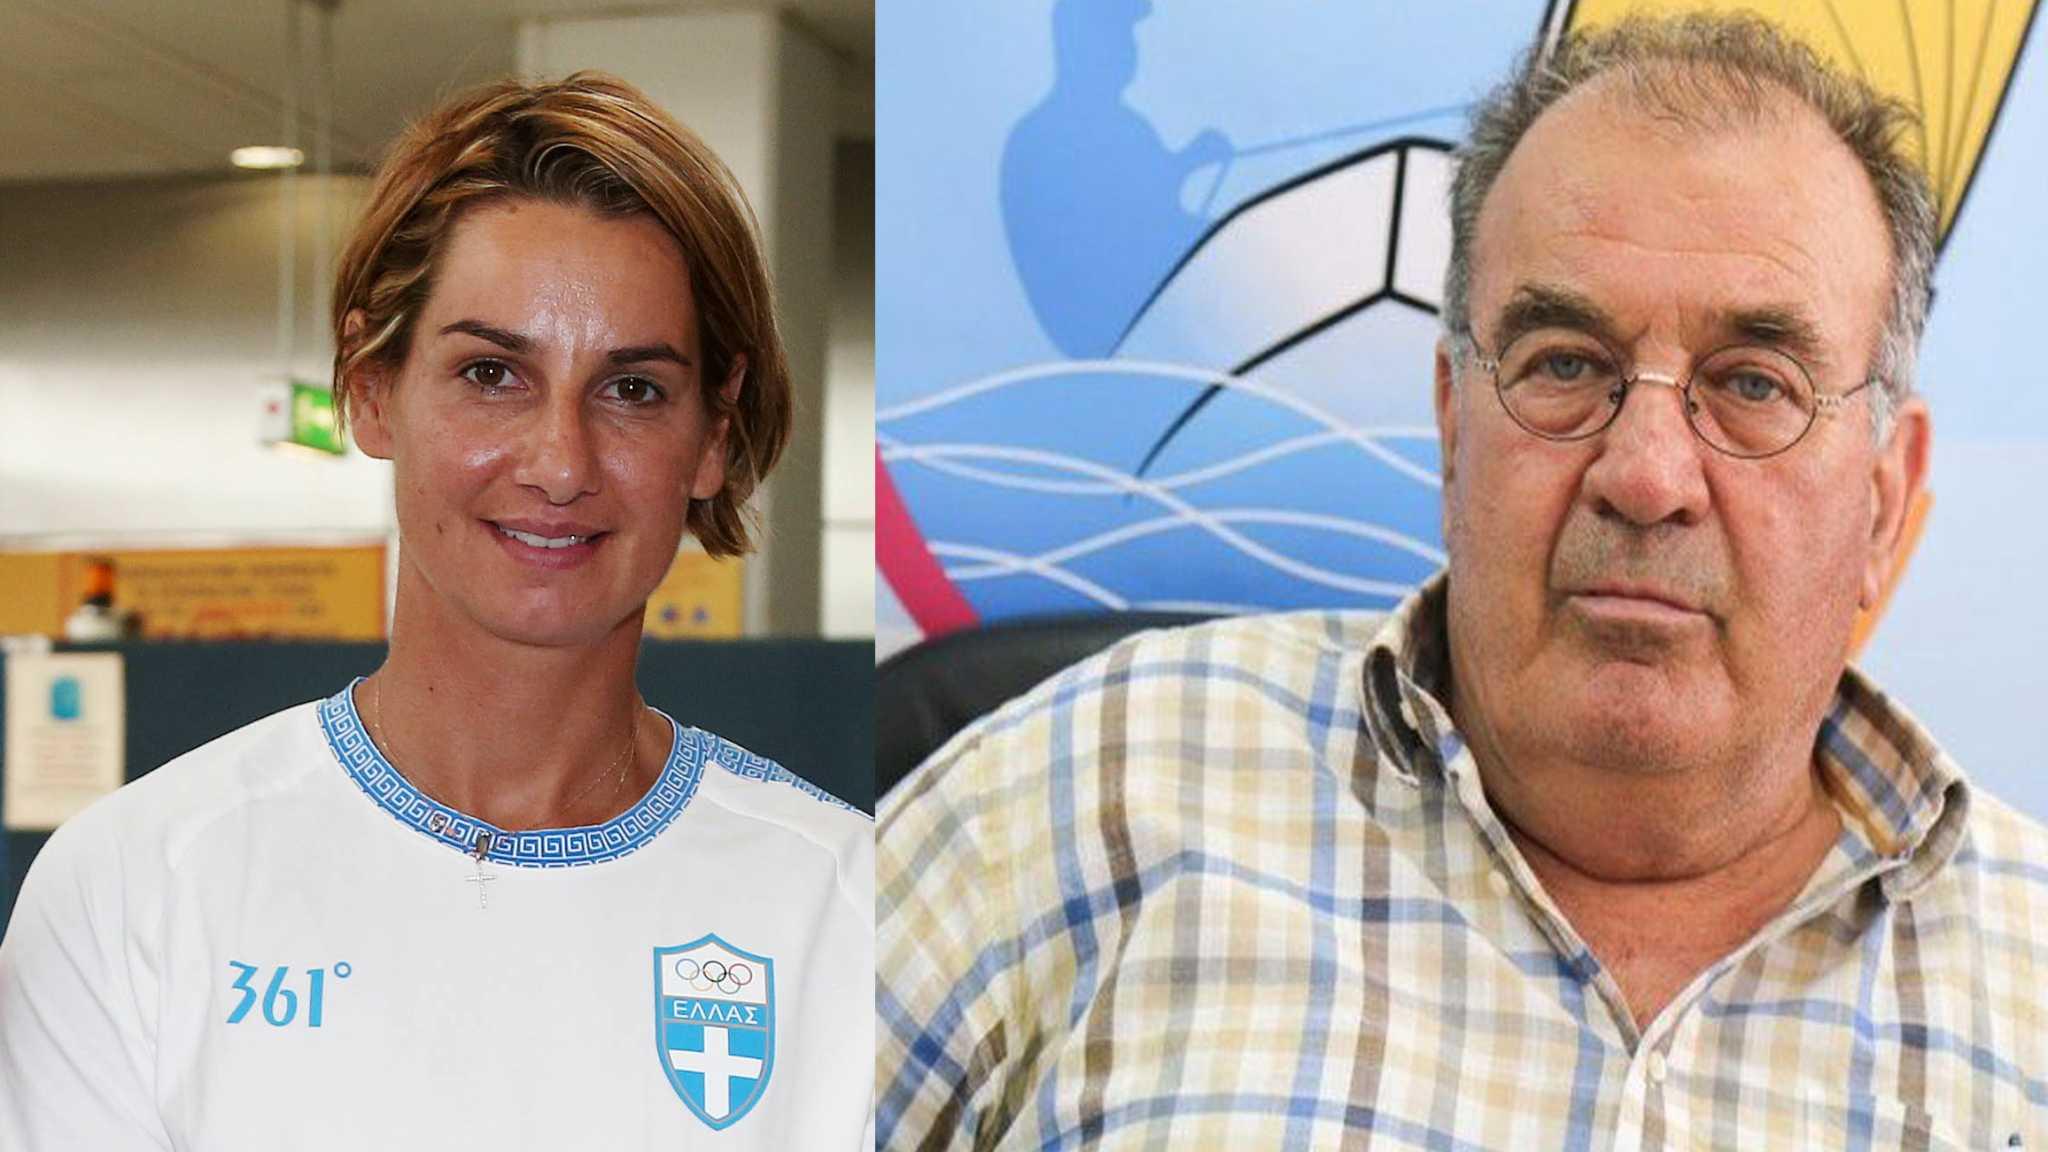 Σοφία Μπεκατώρου: Αριστείδης Αδαμόπουλος - Αυτός είναι ο άνθρωπος που την κακοποίησε σεξουαλικά - Ανεστάλη η κομματική του ιδιότητα